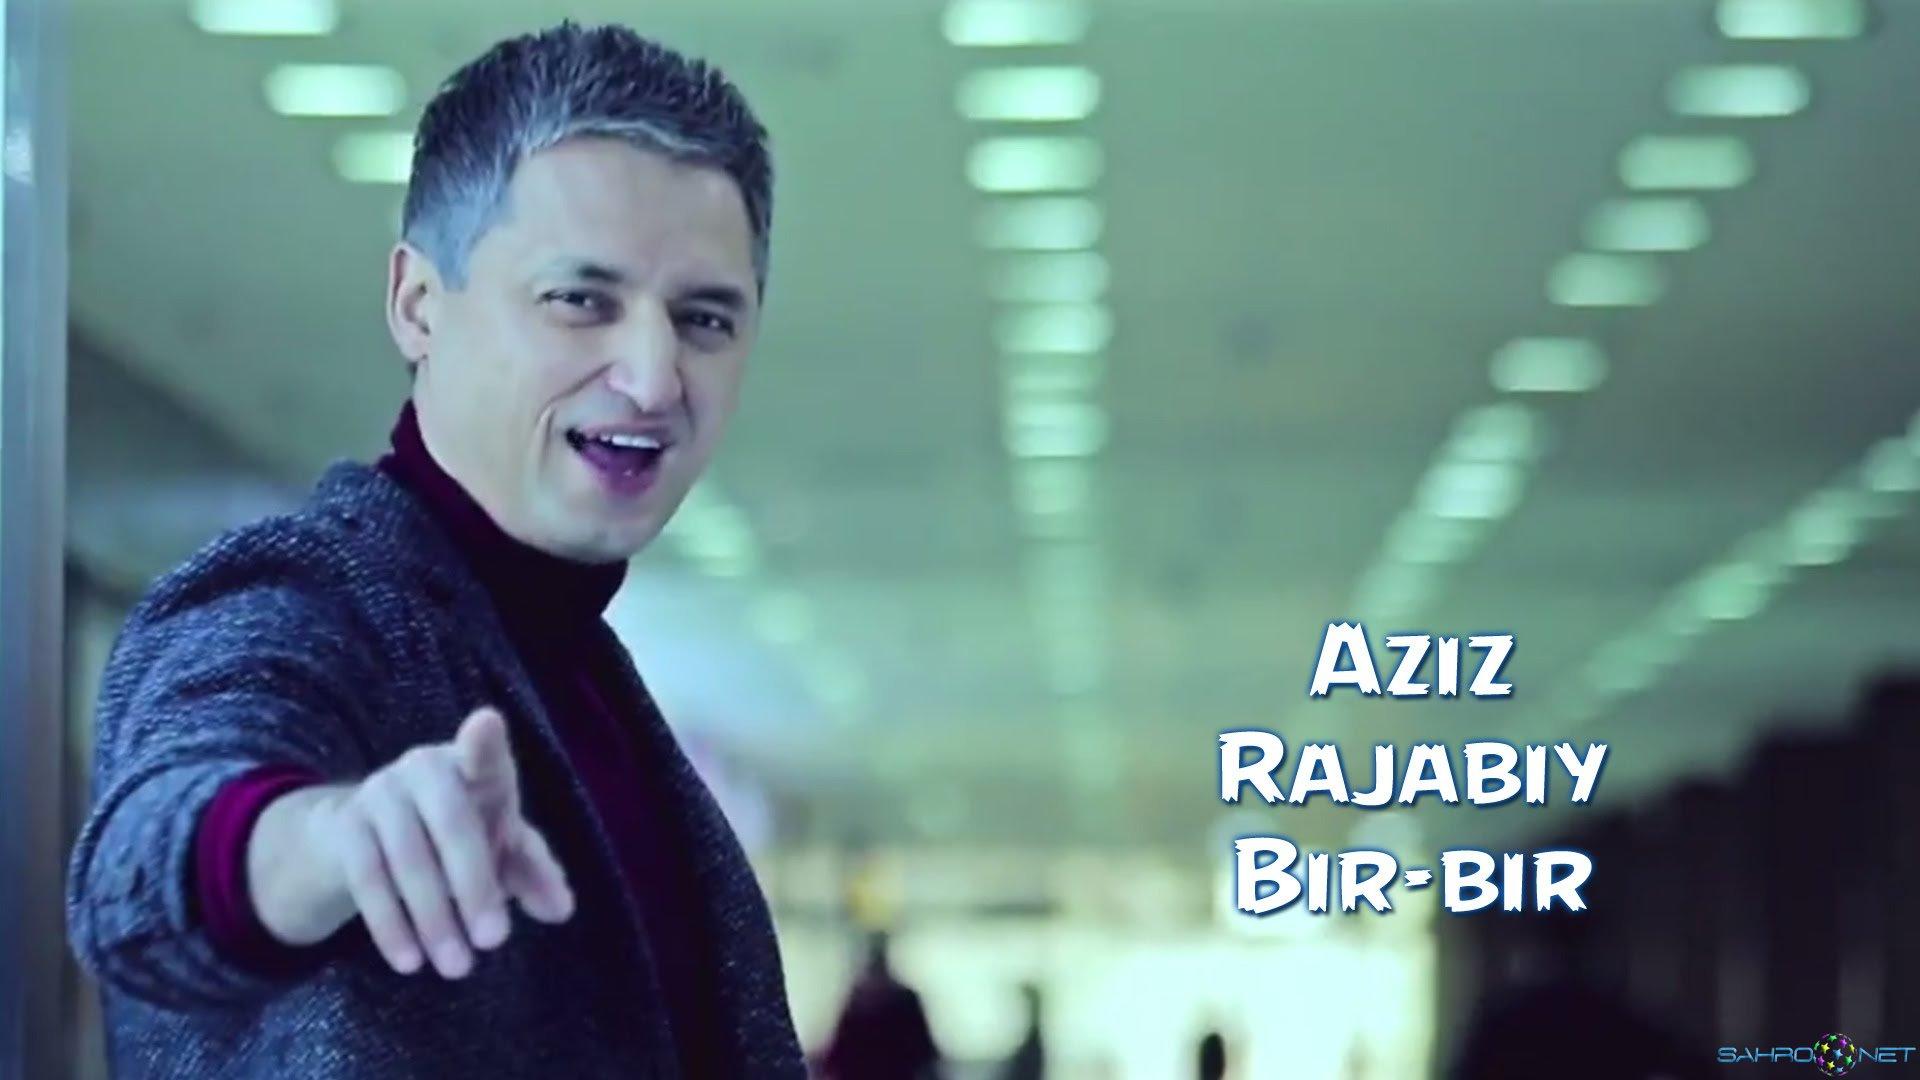 Uzbek Klip 2015 Aziz Rajabiy - Bir-bir Янги Узбек Клип 2015